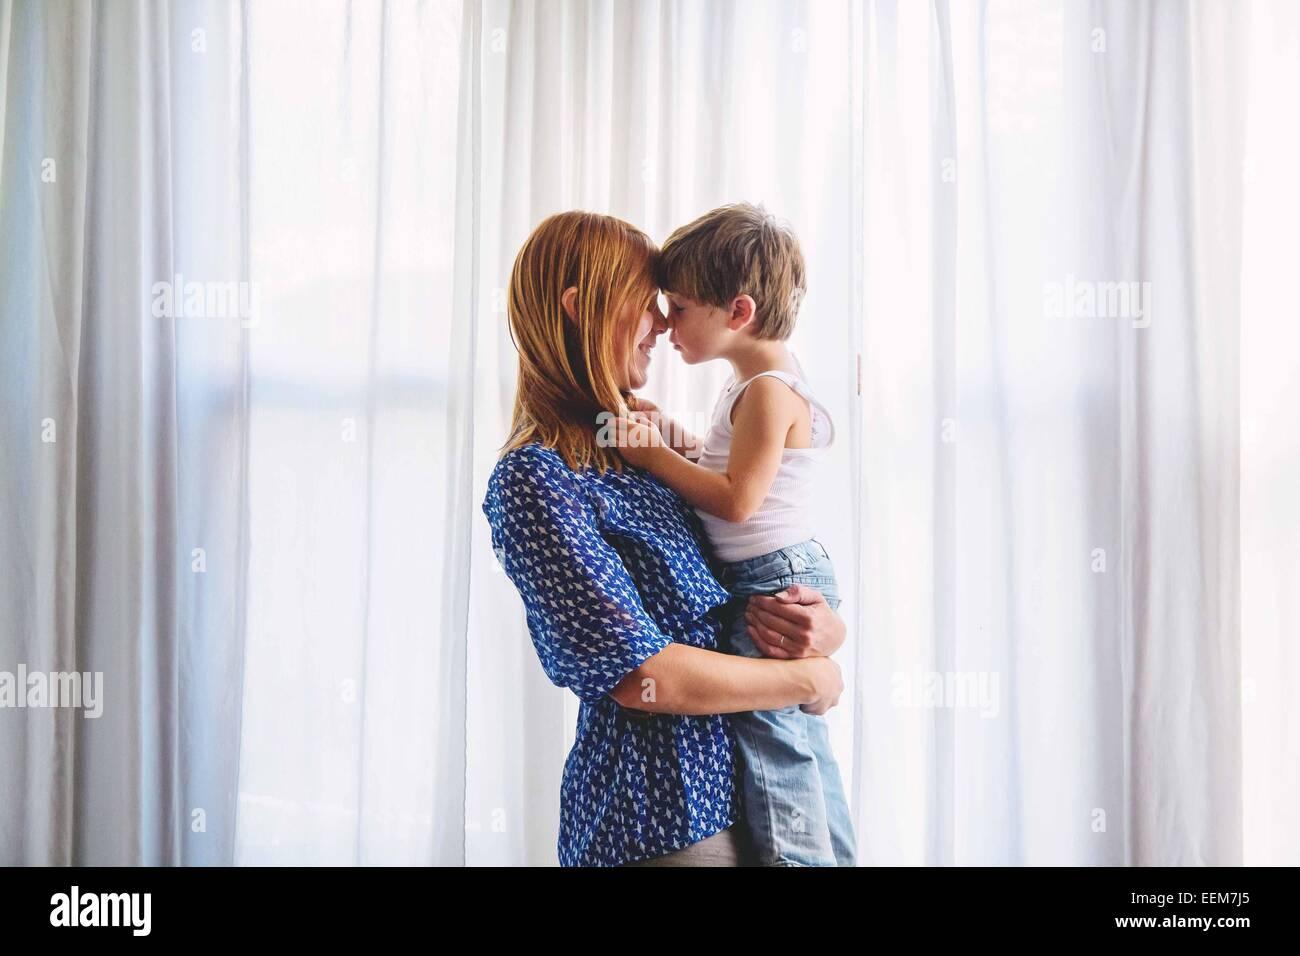 Mamá mantiene joven (2-3) y tocando las narices Imagen De Stock